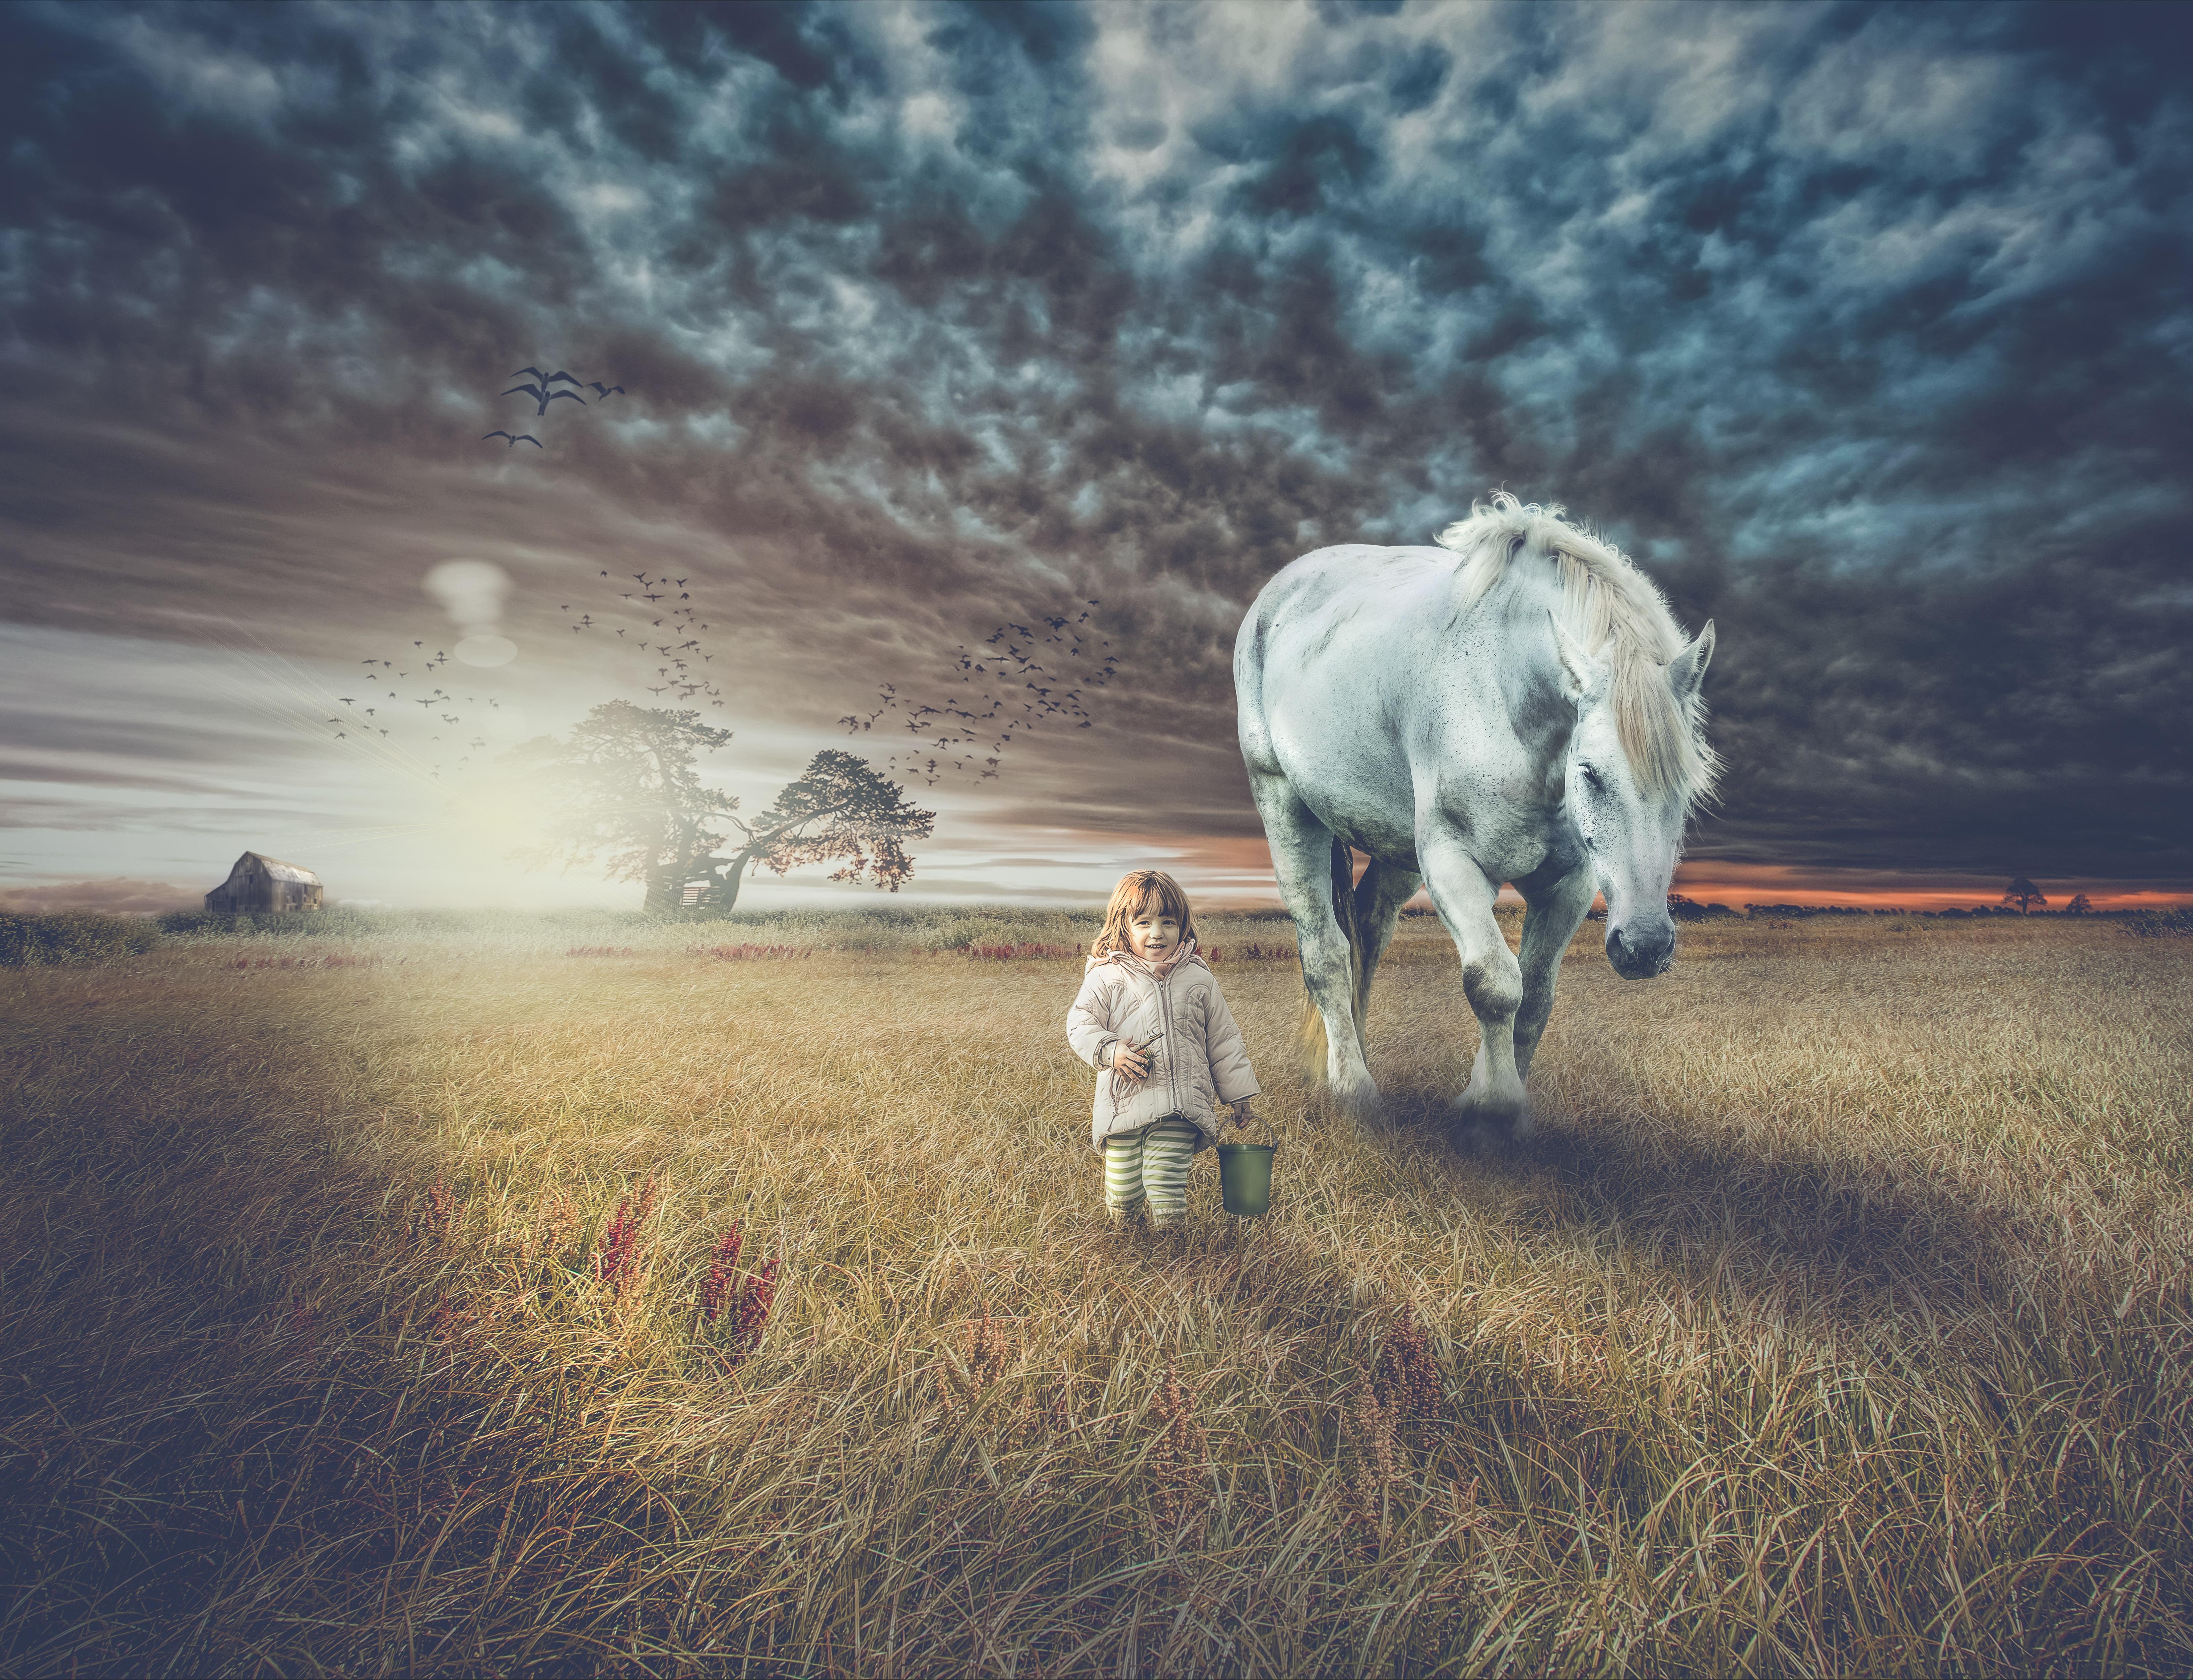 97611 скачать обои Разное, Поле, Прогулка, Фотошоп, Ребенок, Лошадь - заставки и картинки бесплатно